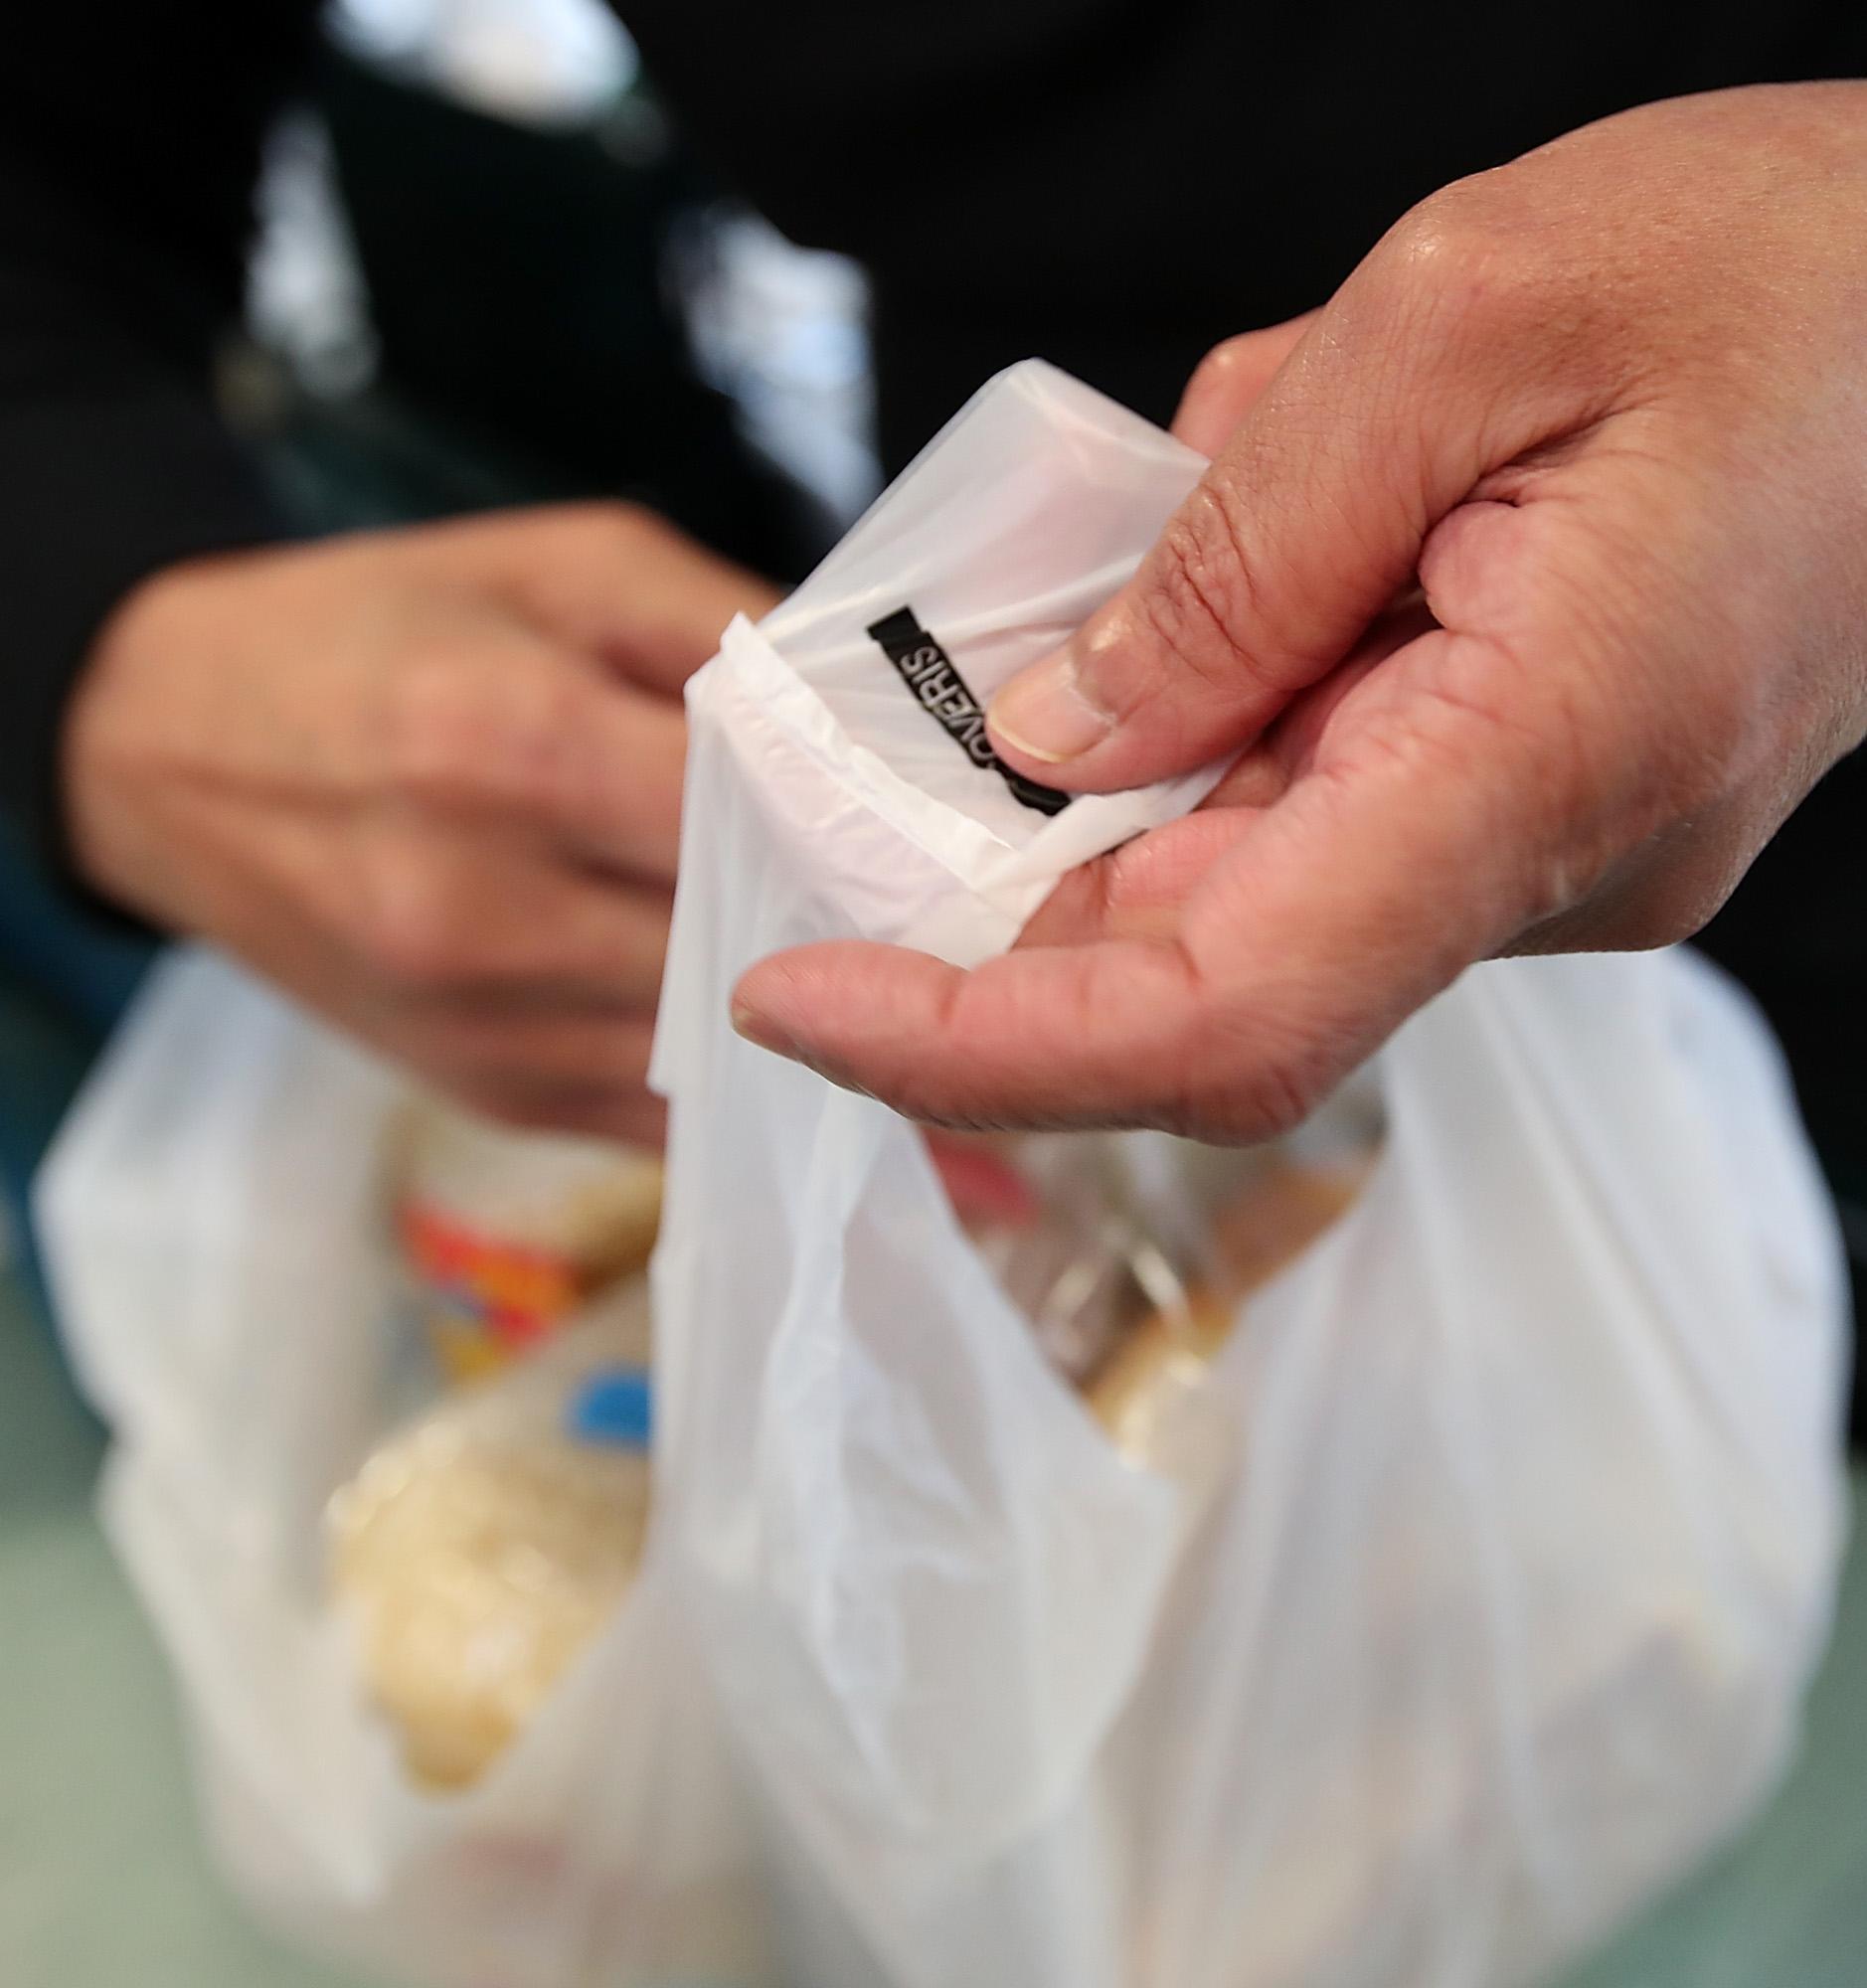 Новая Зеландия запретила пластиковые пакеты